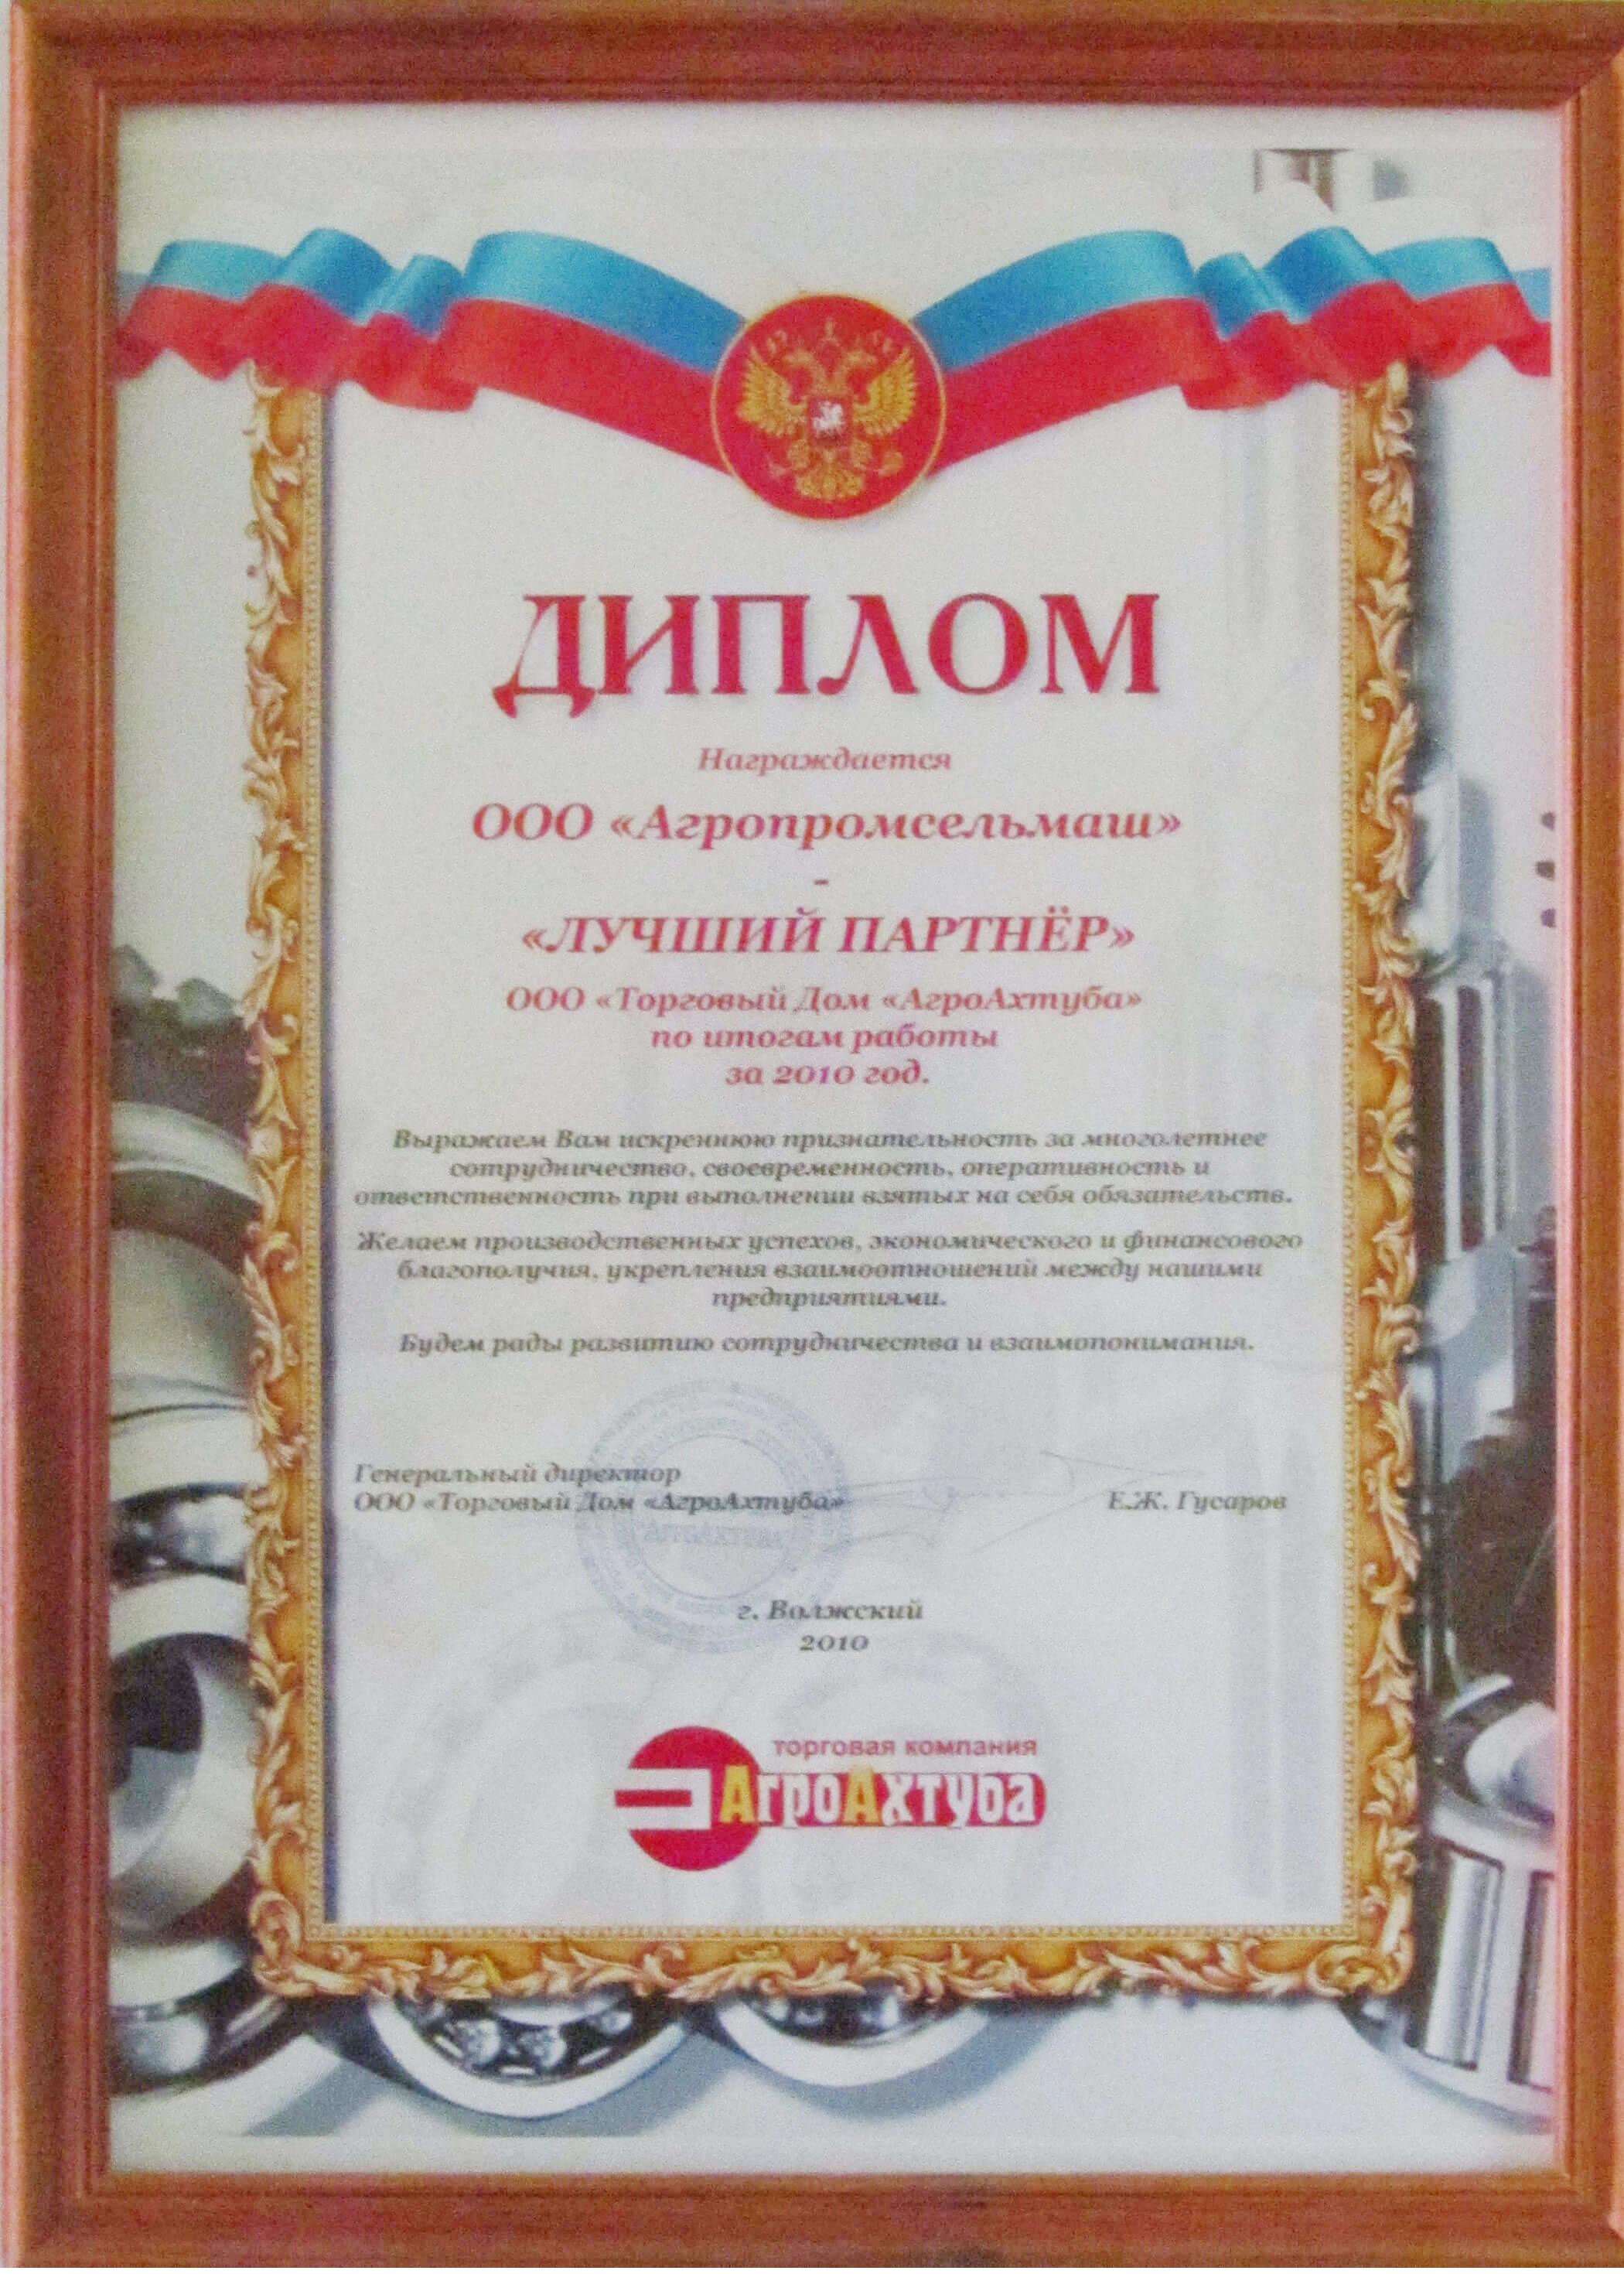 Лучший партнёр ТД АгроАхтуба